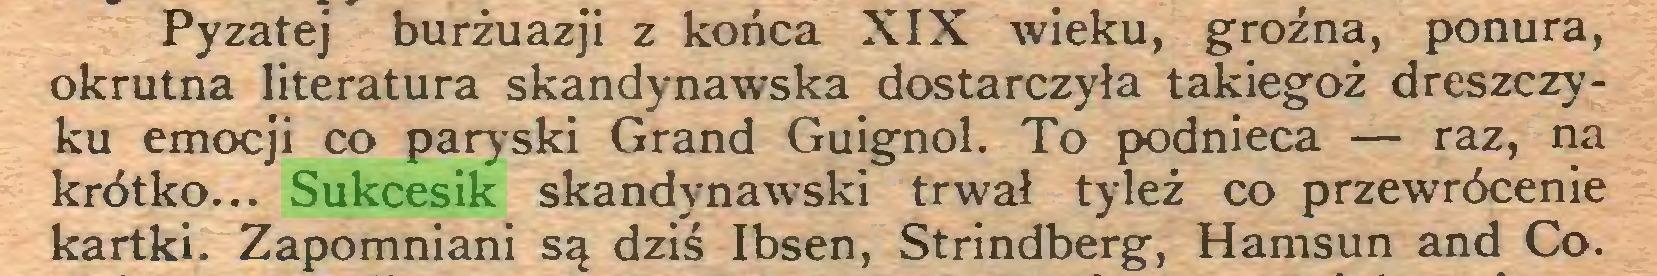 (...) Pyzatej burżuazji z końca XIX wieku, groźna, ponura, okrutna literatura skandynawska dostarczyła takiegoż dreszczyku emocji co paryski Grand Guignol. To podnieca — raz, na krótko... Sukcesik skandynawski trwał tyleż co przewrócenie kartki. Zapomniani są dziś Ibsen, Strindberg, Hamsun and Co...